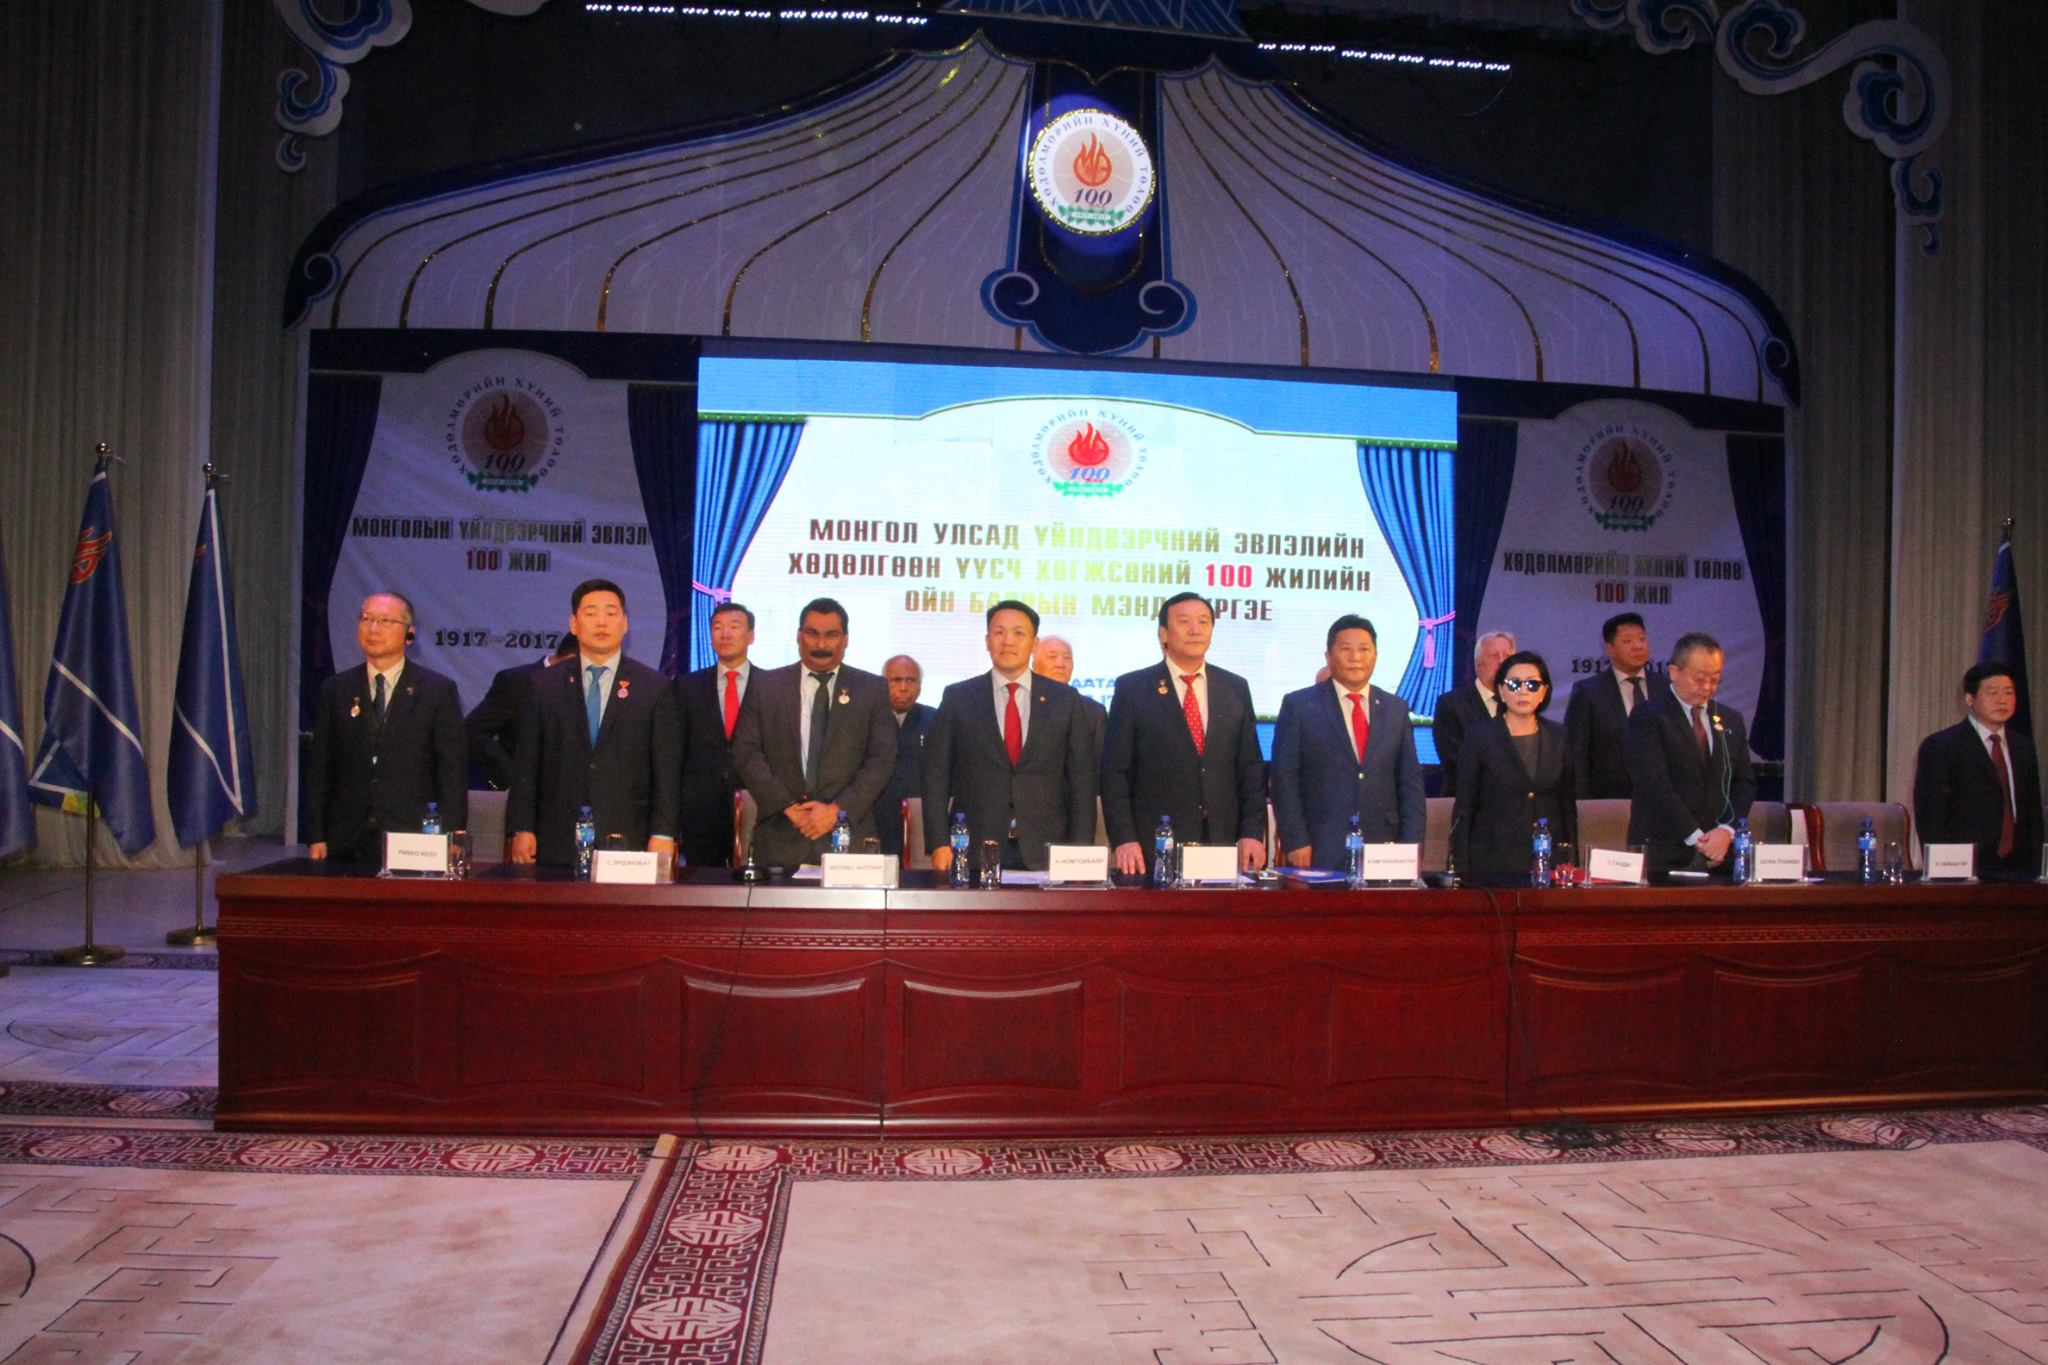 Монгол Улсад Үйлдвэрчний эвлэлийн хөдөлгөөн үүсч хөгжсөний түүхт 100 жилийн ой өнөөдөр тохиолоо